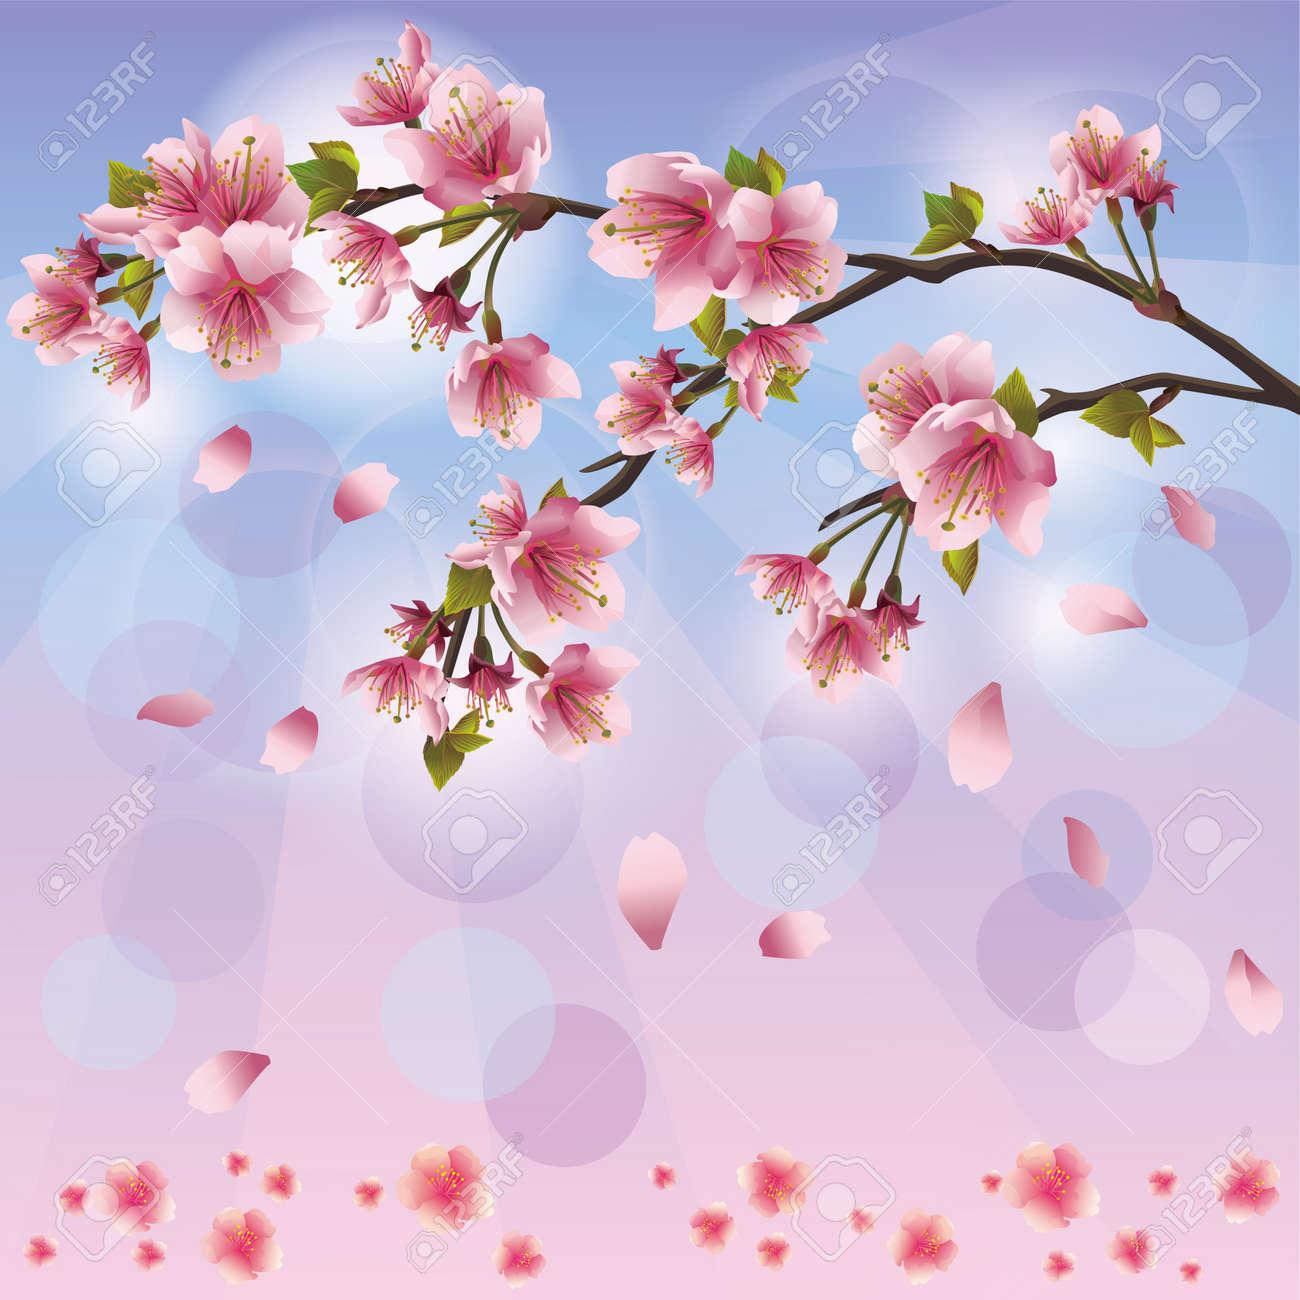 Arbol De Cerezo Japones primavera de fondo con flor de sakura - tarjeta de cerezo japonés árbol,  saludo o invitación